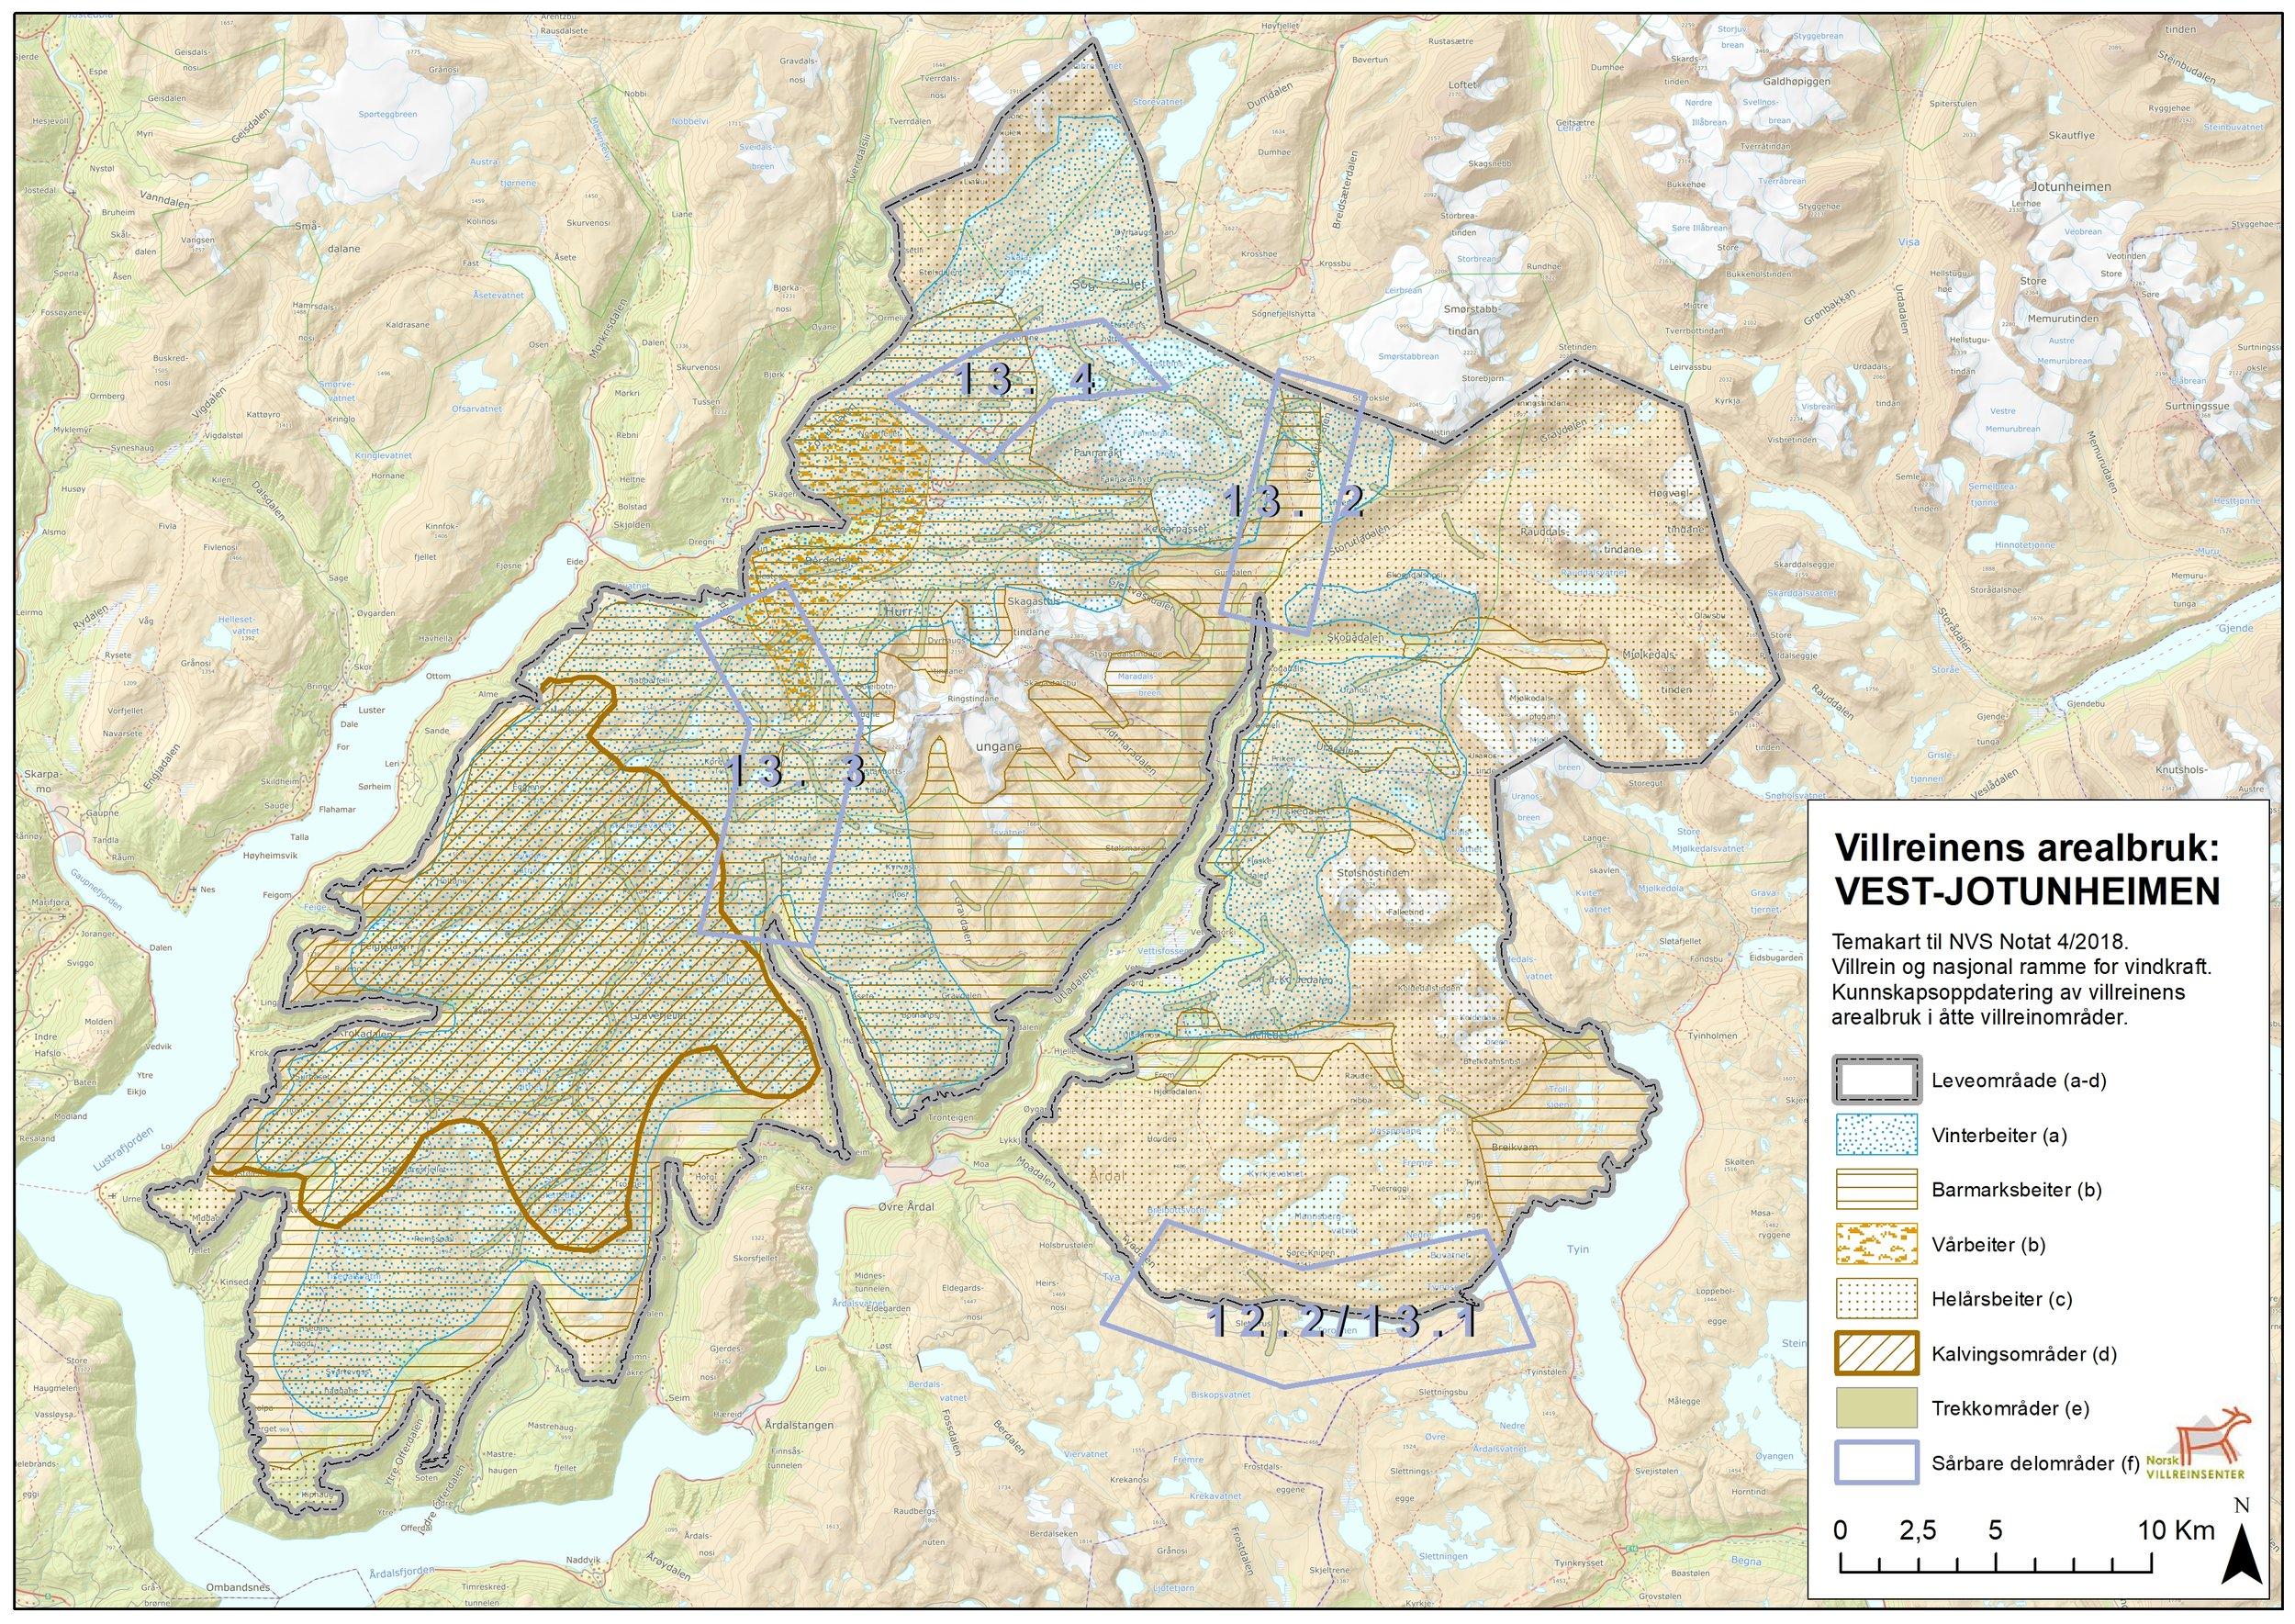 Temakart_Vest-Jotunheimen.jpg